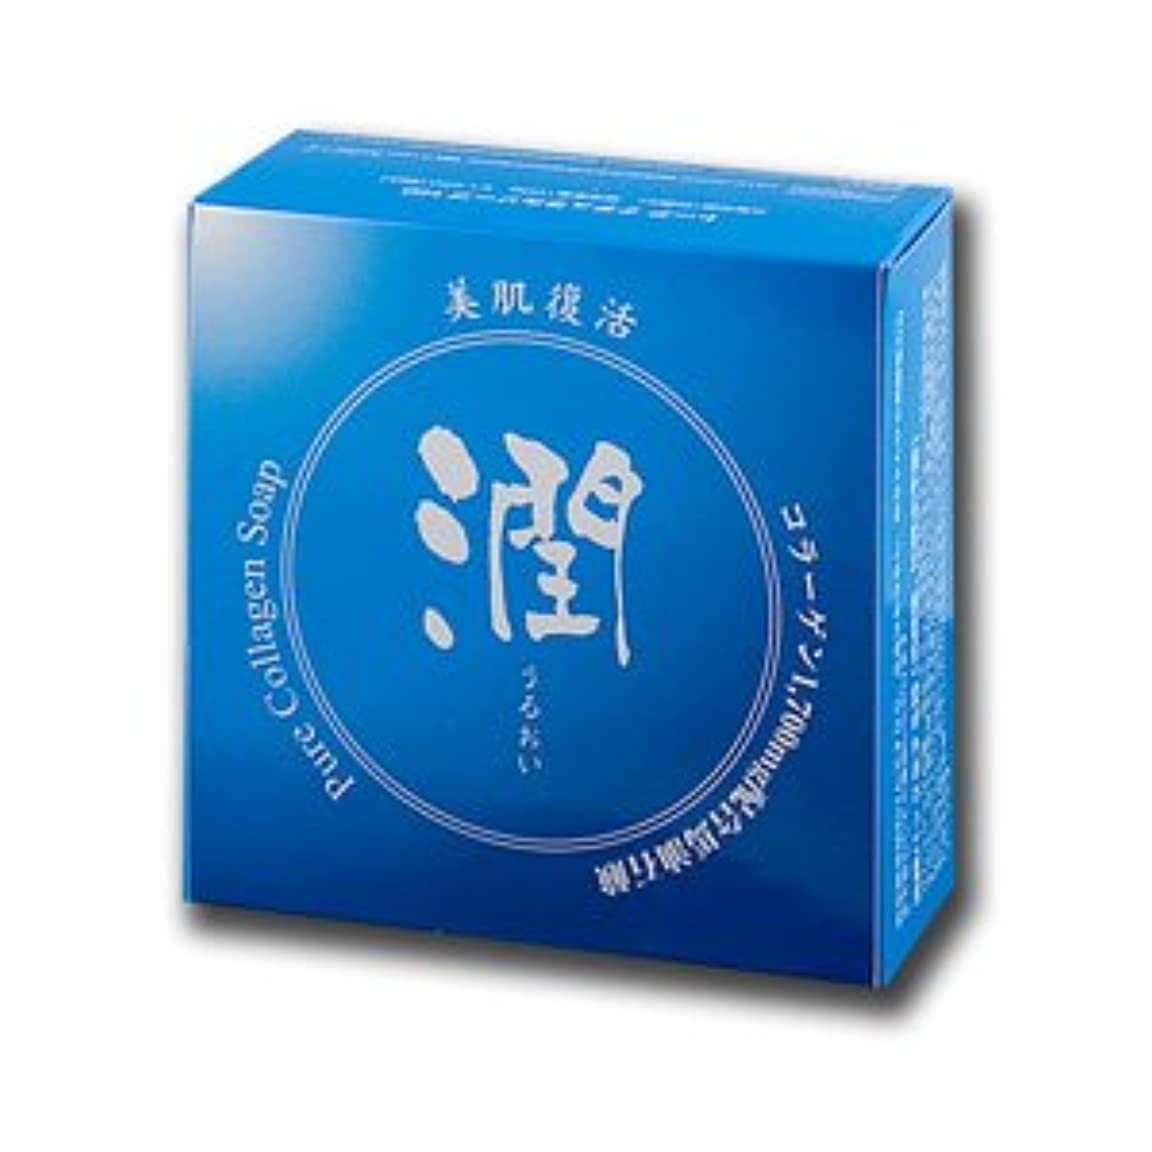 石レンジ起きているコラーゲン馬油石鹸 潤 100g (#800410) ×10個セット